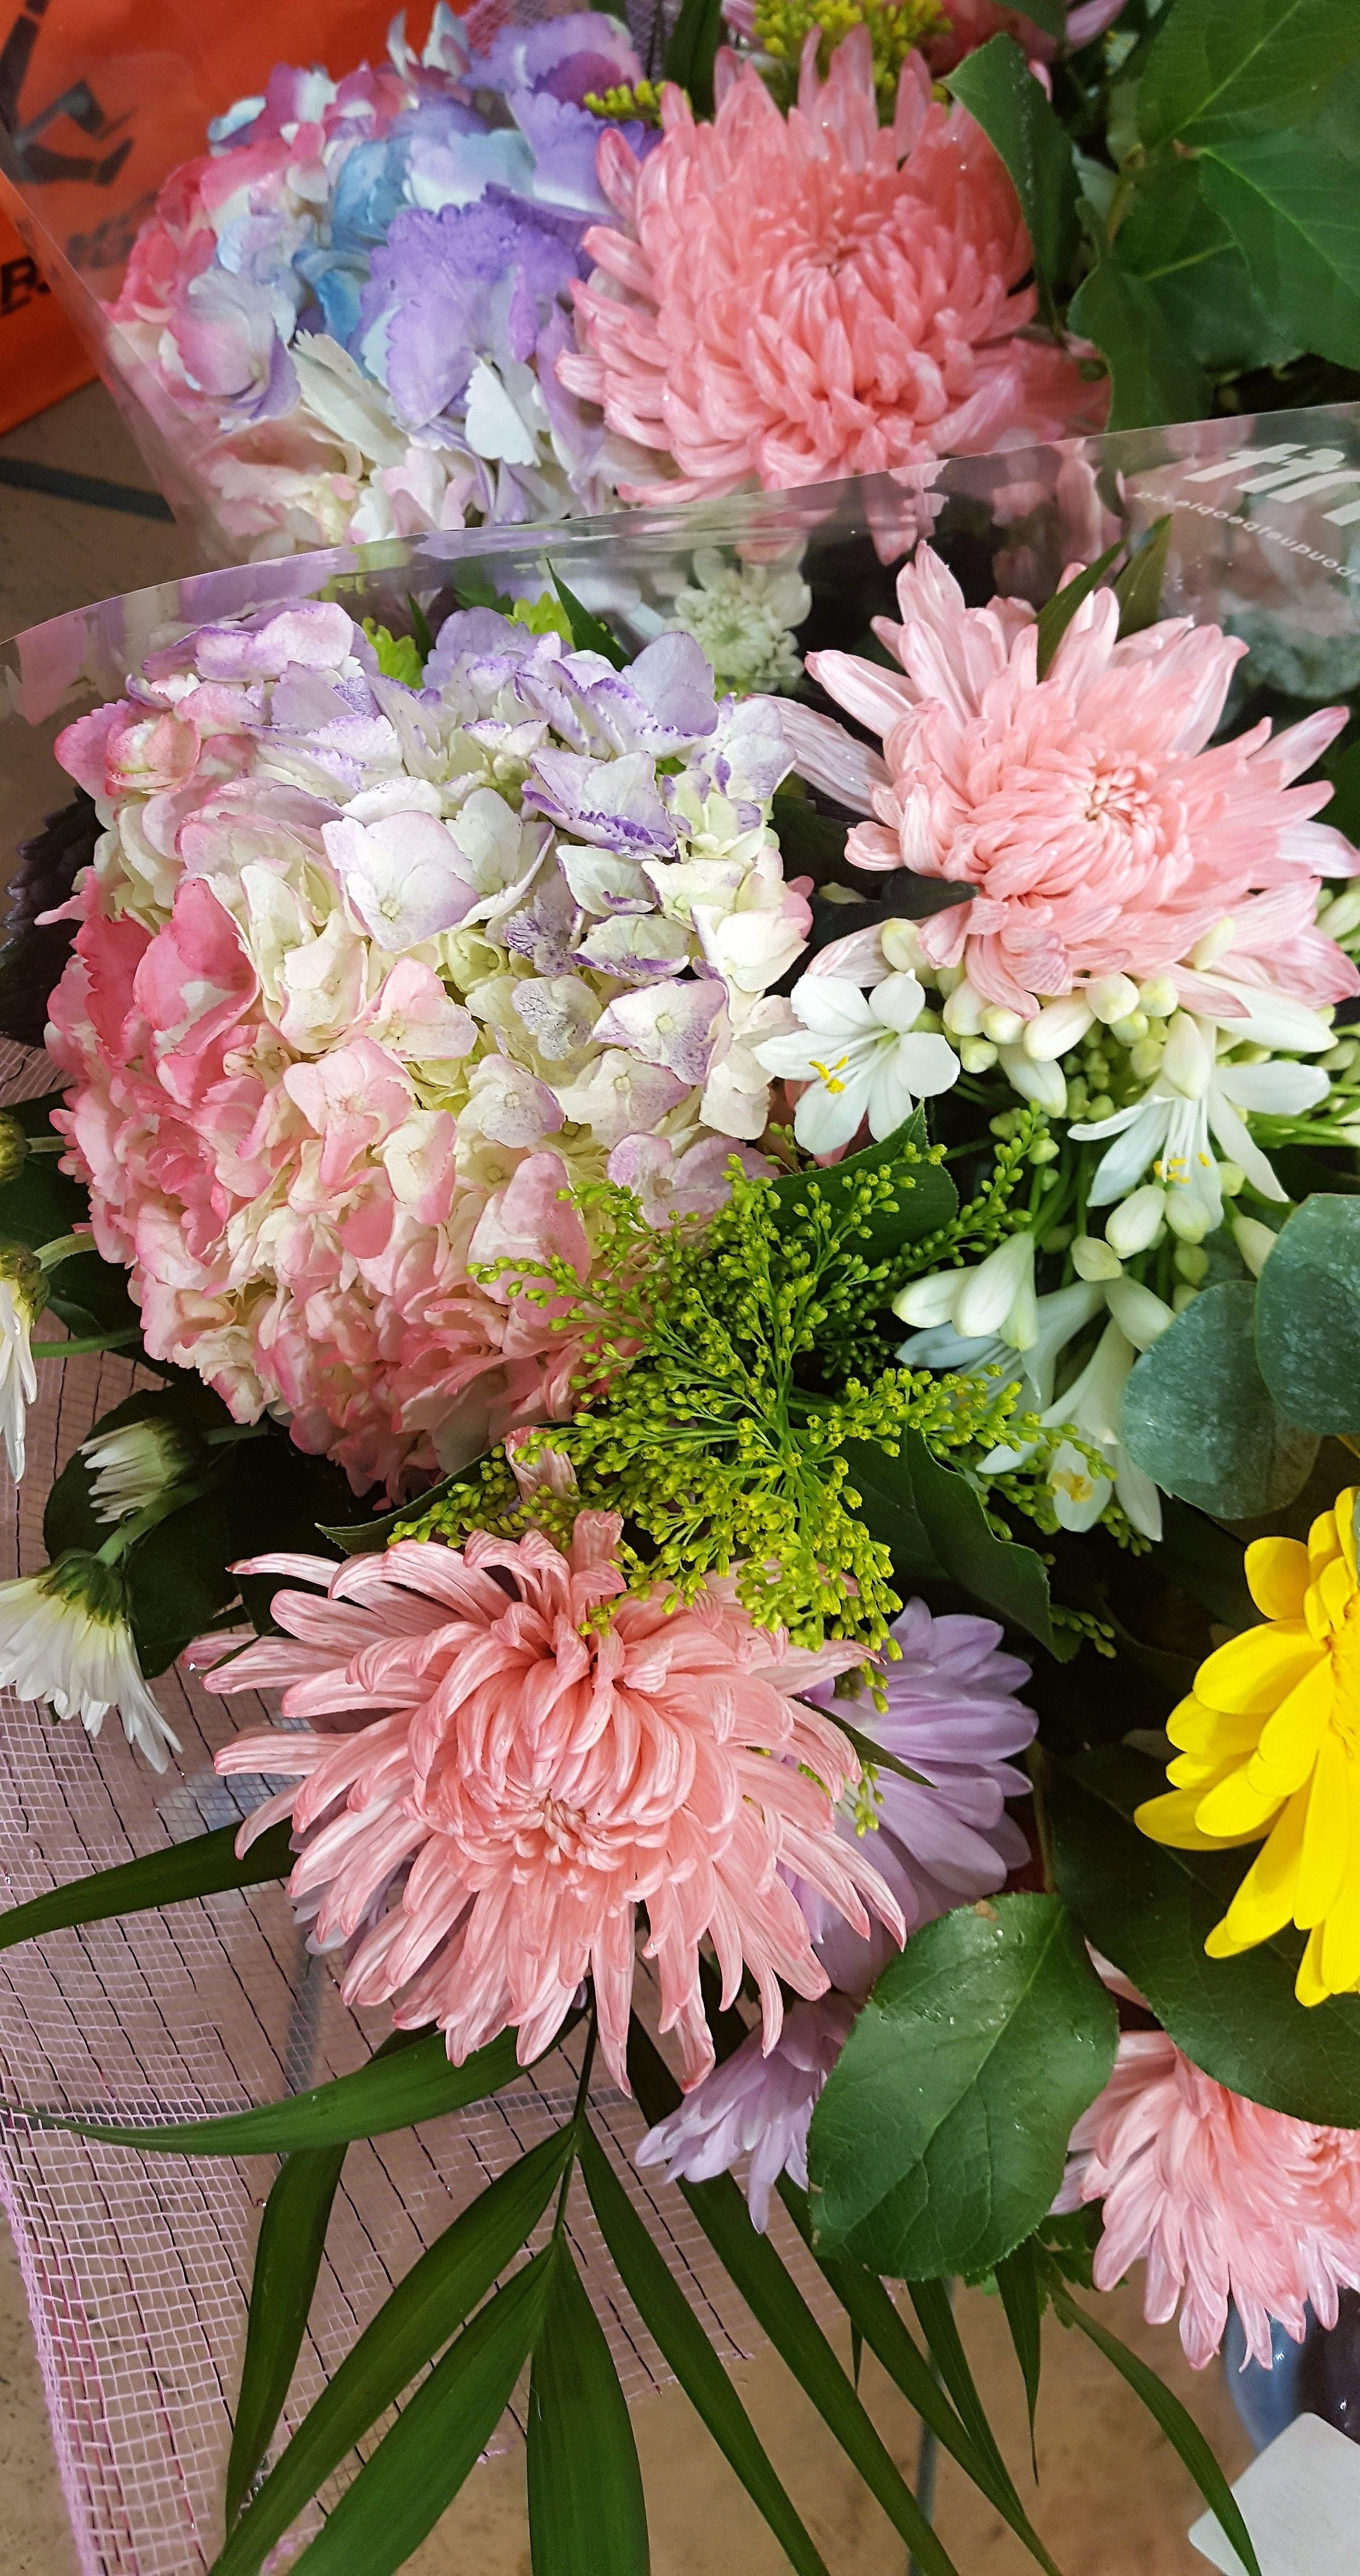 Mixed Flower Bouquet #Flowers